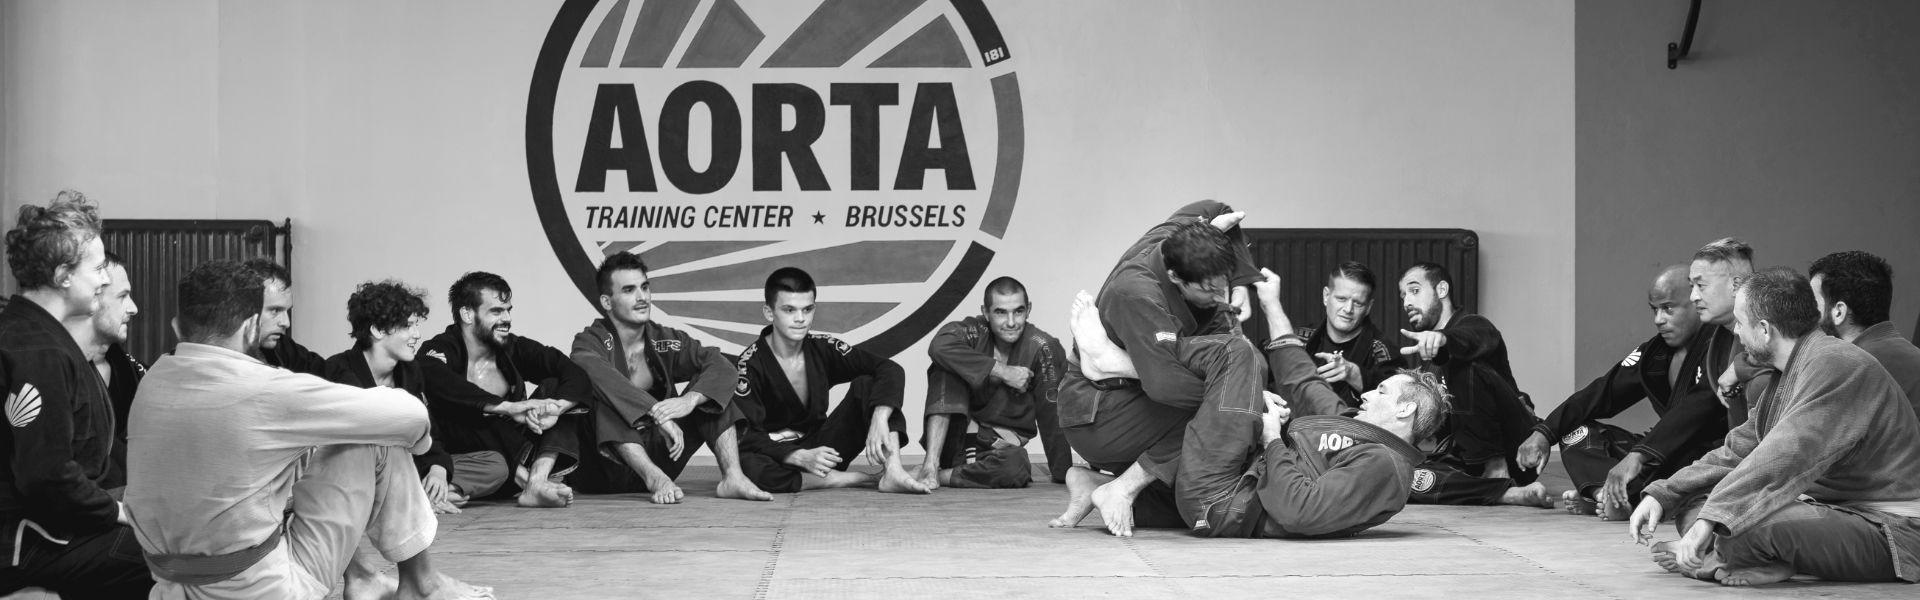 Brazilian Jiu-Jitsu at Aorta